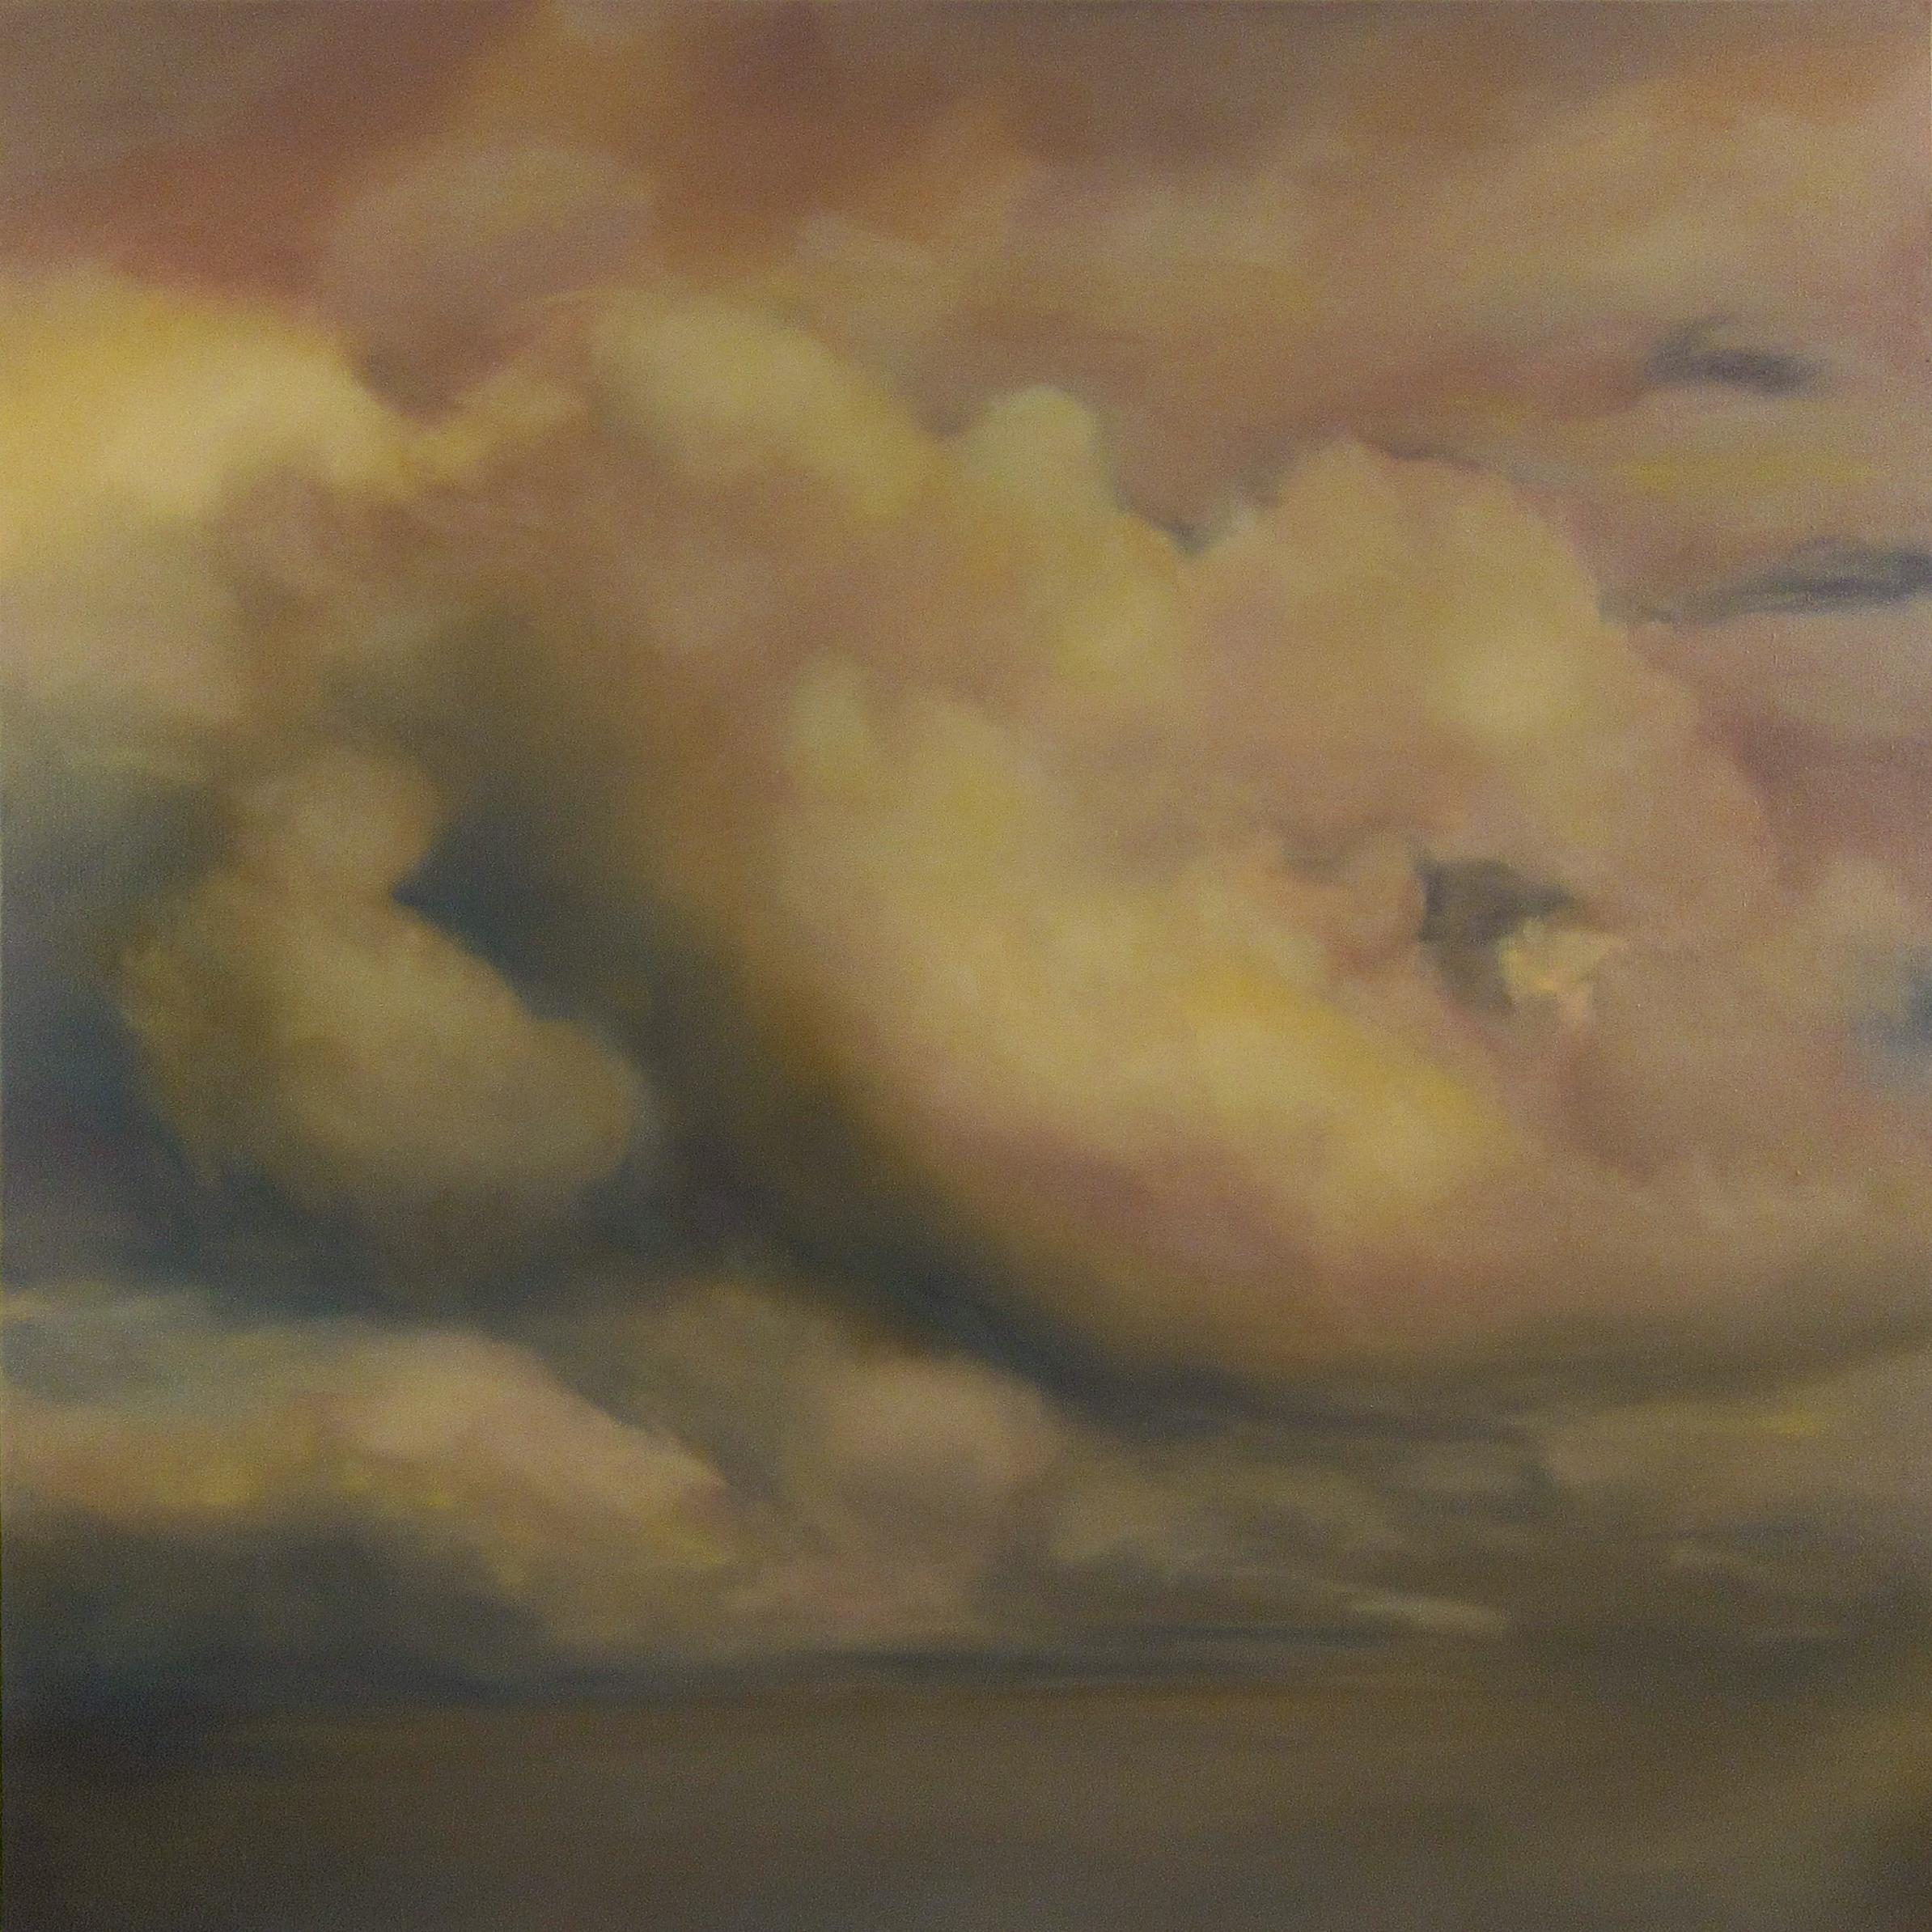 Cieux de Braises , 2017  oil on linen, 63 x 63 in, 160 x 160 cm